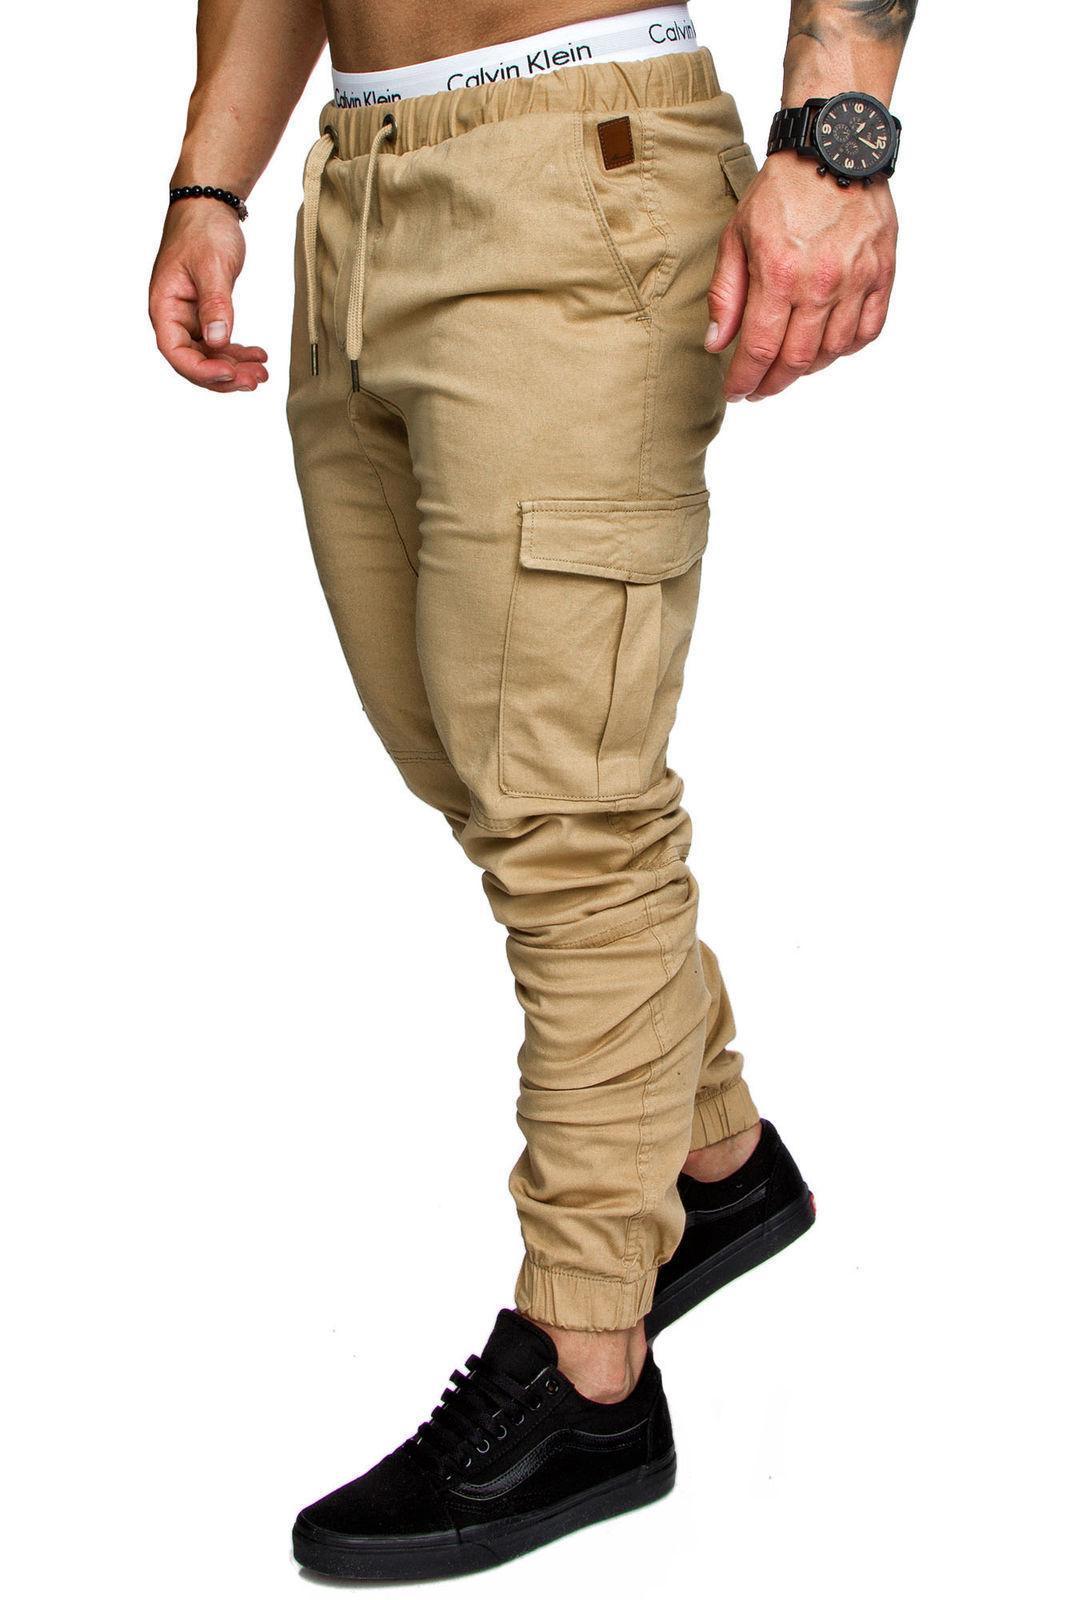 السراويل الرجال جديد أزياء الرجال عداء ببطء السراويل اللياقة البدنية كمال الاجسام الجمنازيوم للعدائين الملابس الخريف sweatpants حجم 4xl